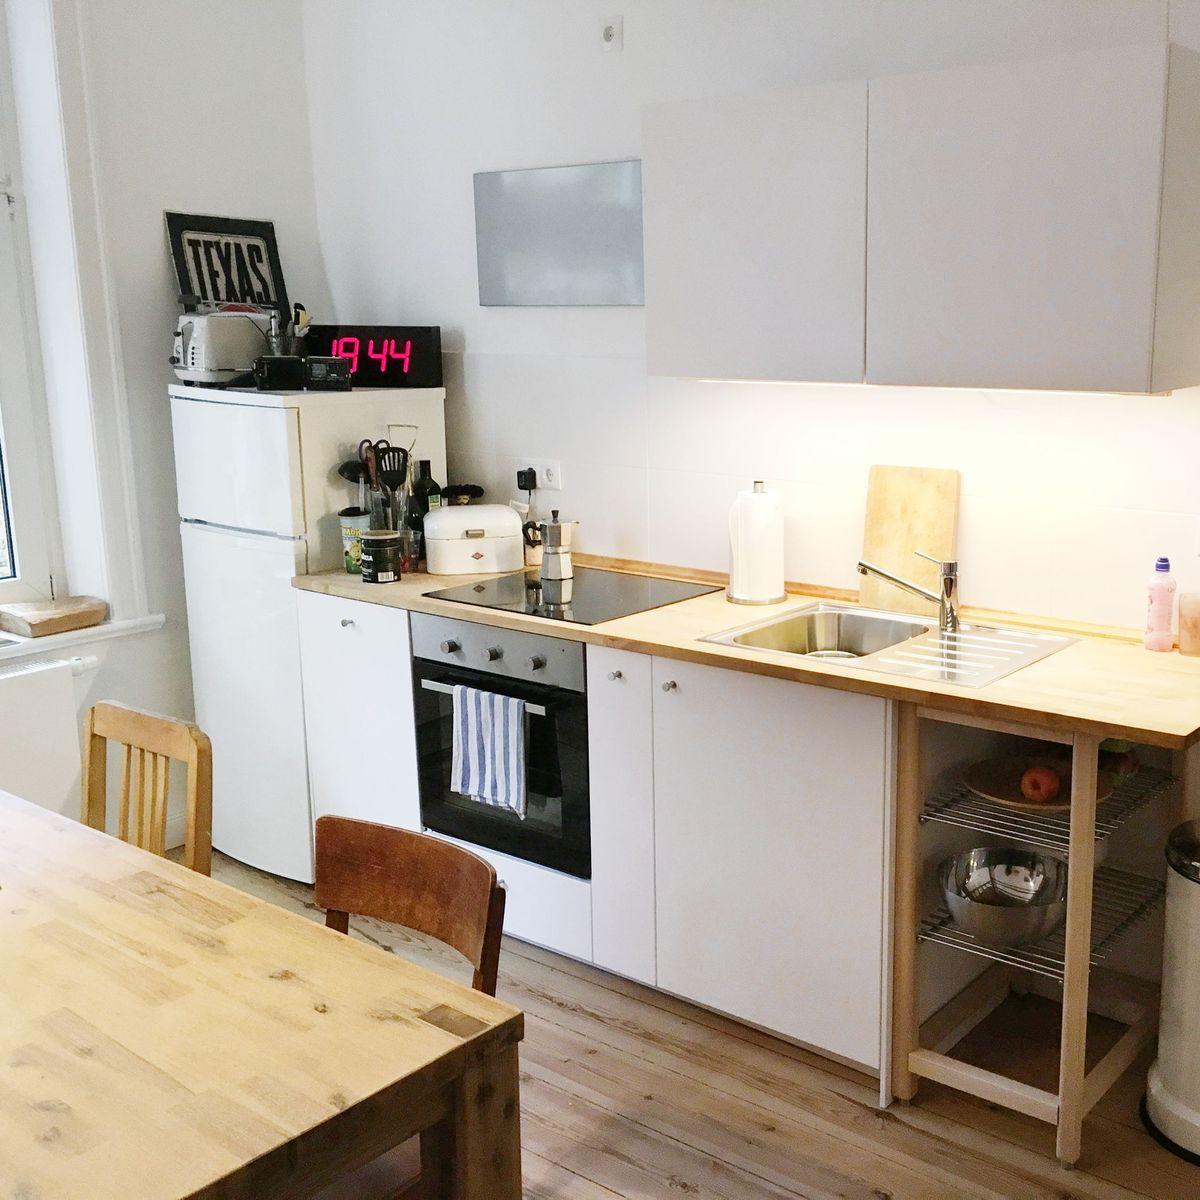 Ikea: Mein Drama mit der neuen Küche - DER SPIEGEL